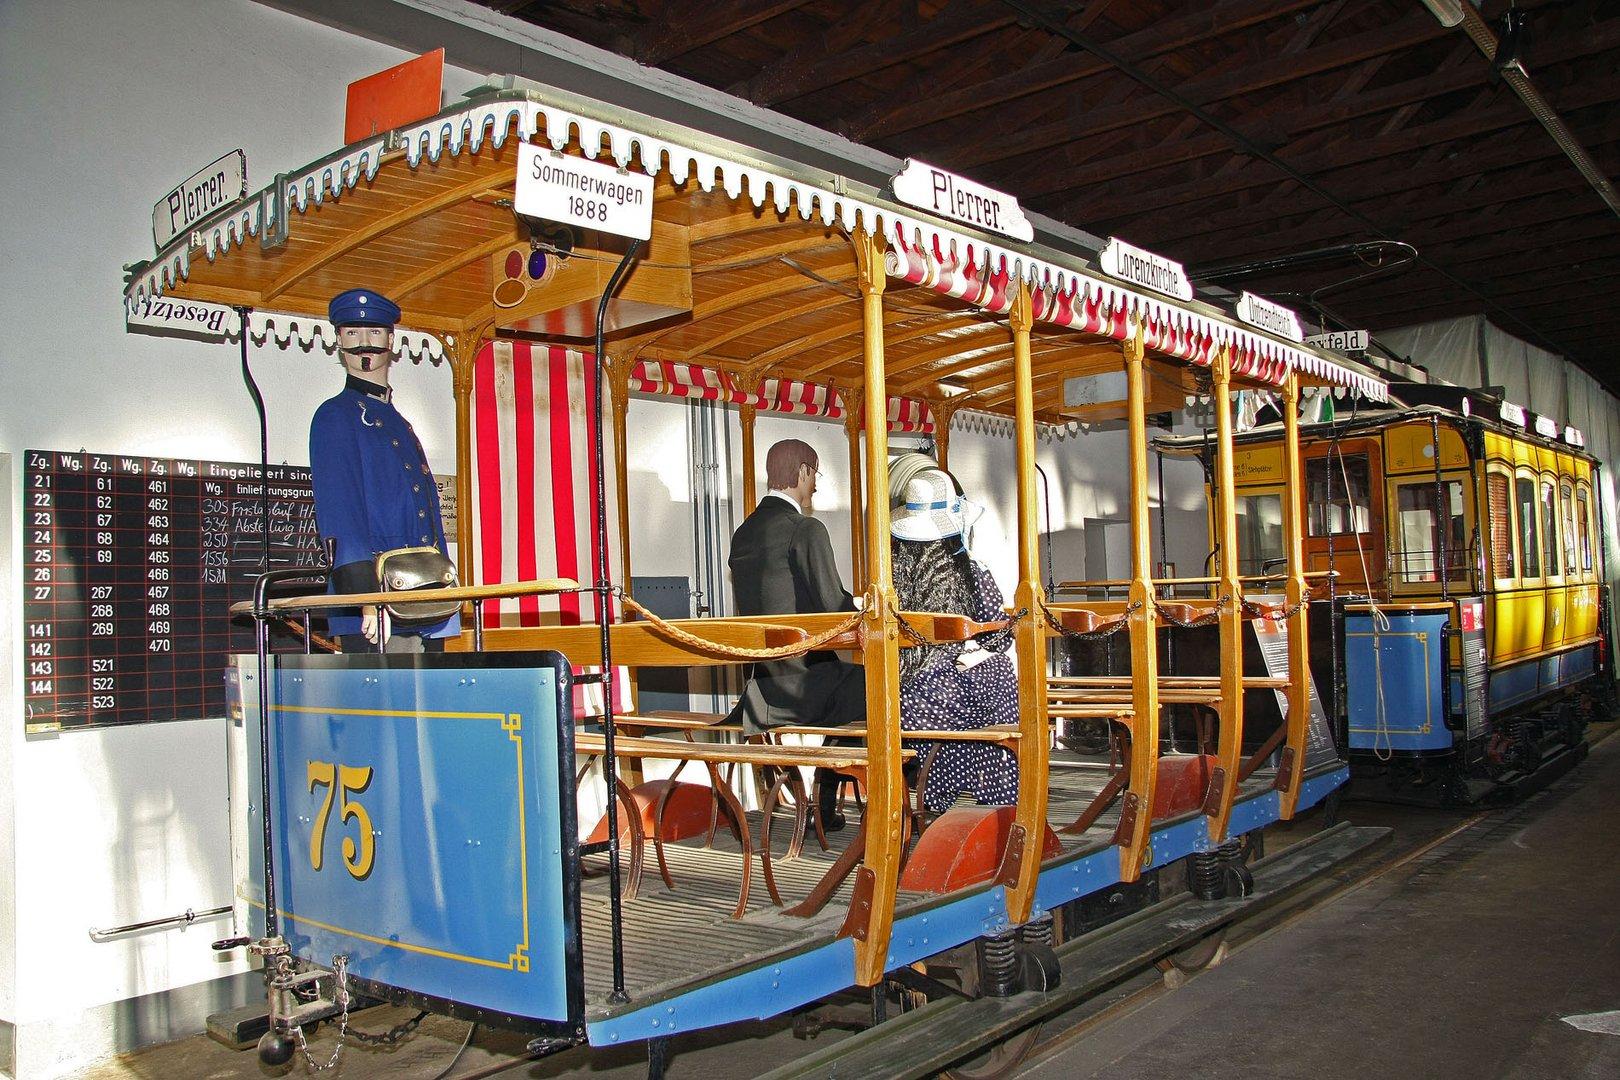 Sommerwagen 1888